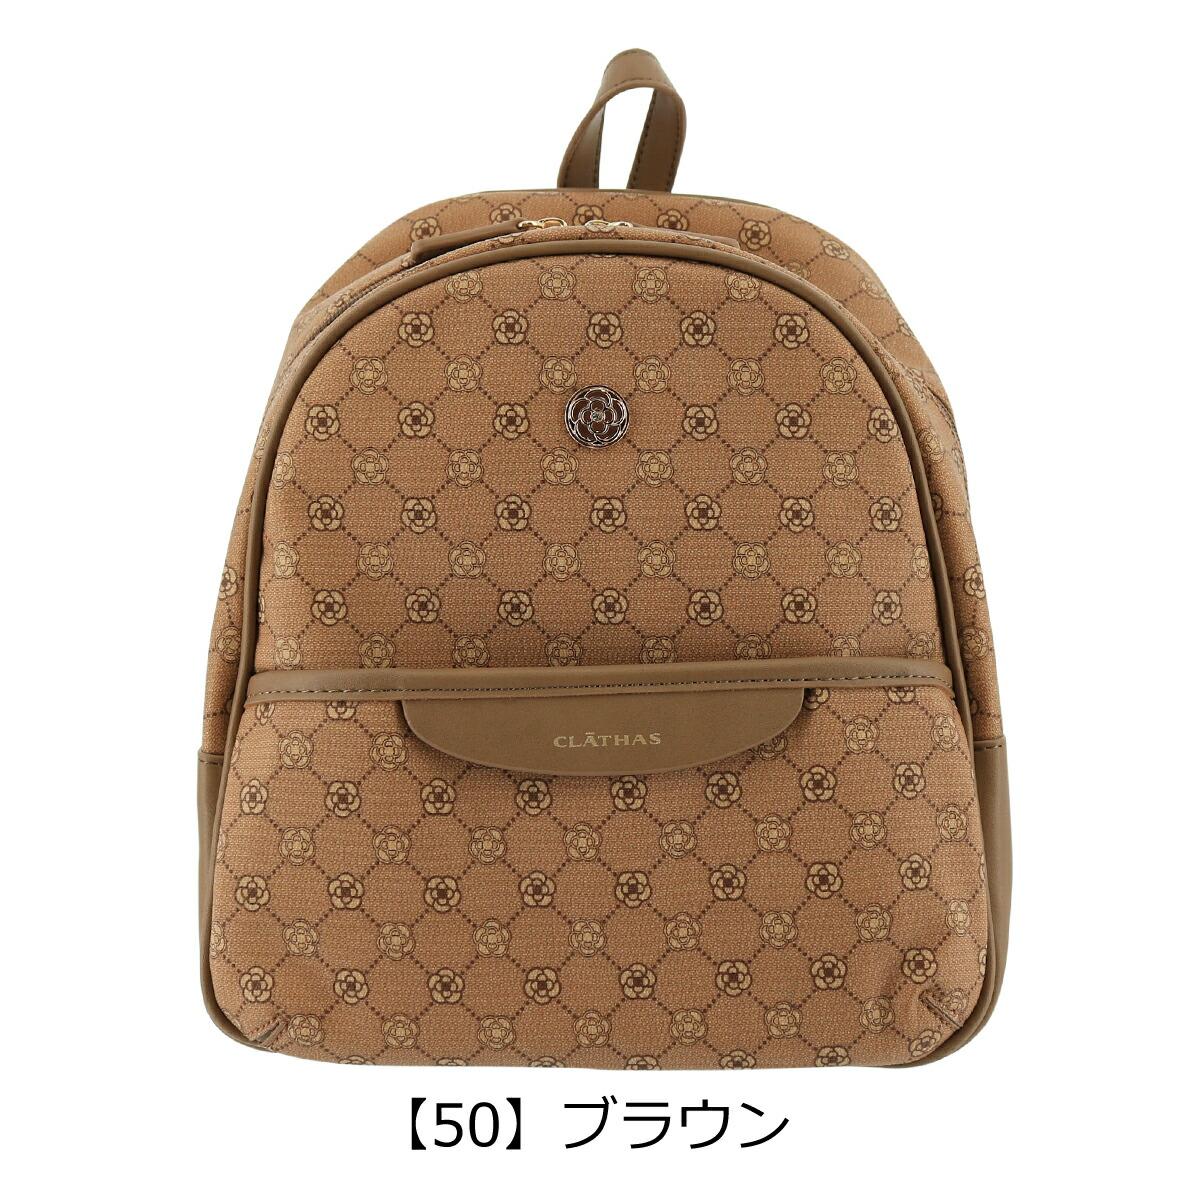 【50】ブラウン